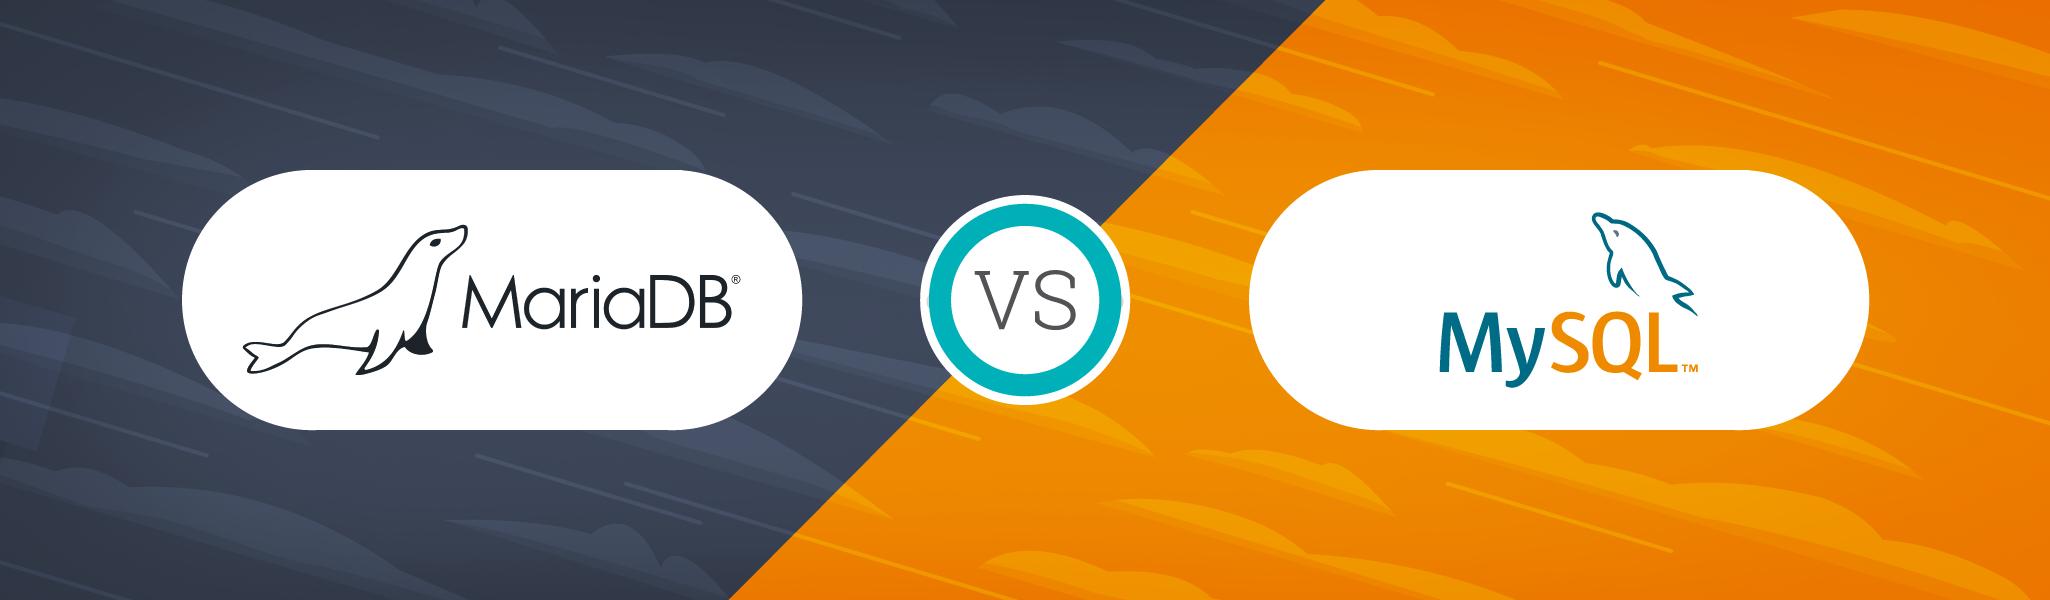 1521012155498 فرق و تفاوت بین Mysql و MariaDB در چیست؟ کدام را انتخاب کنیم؟